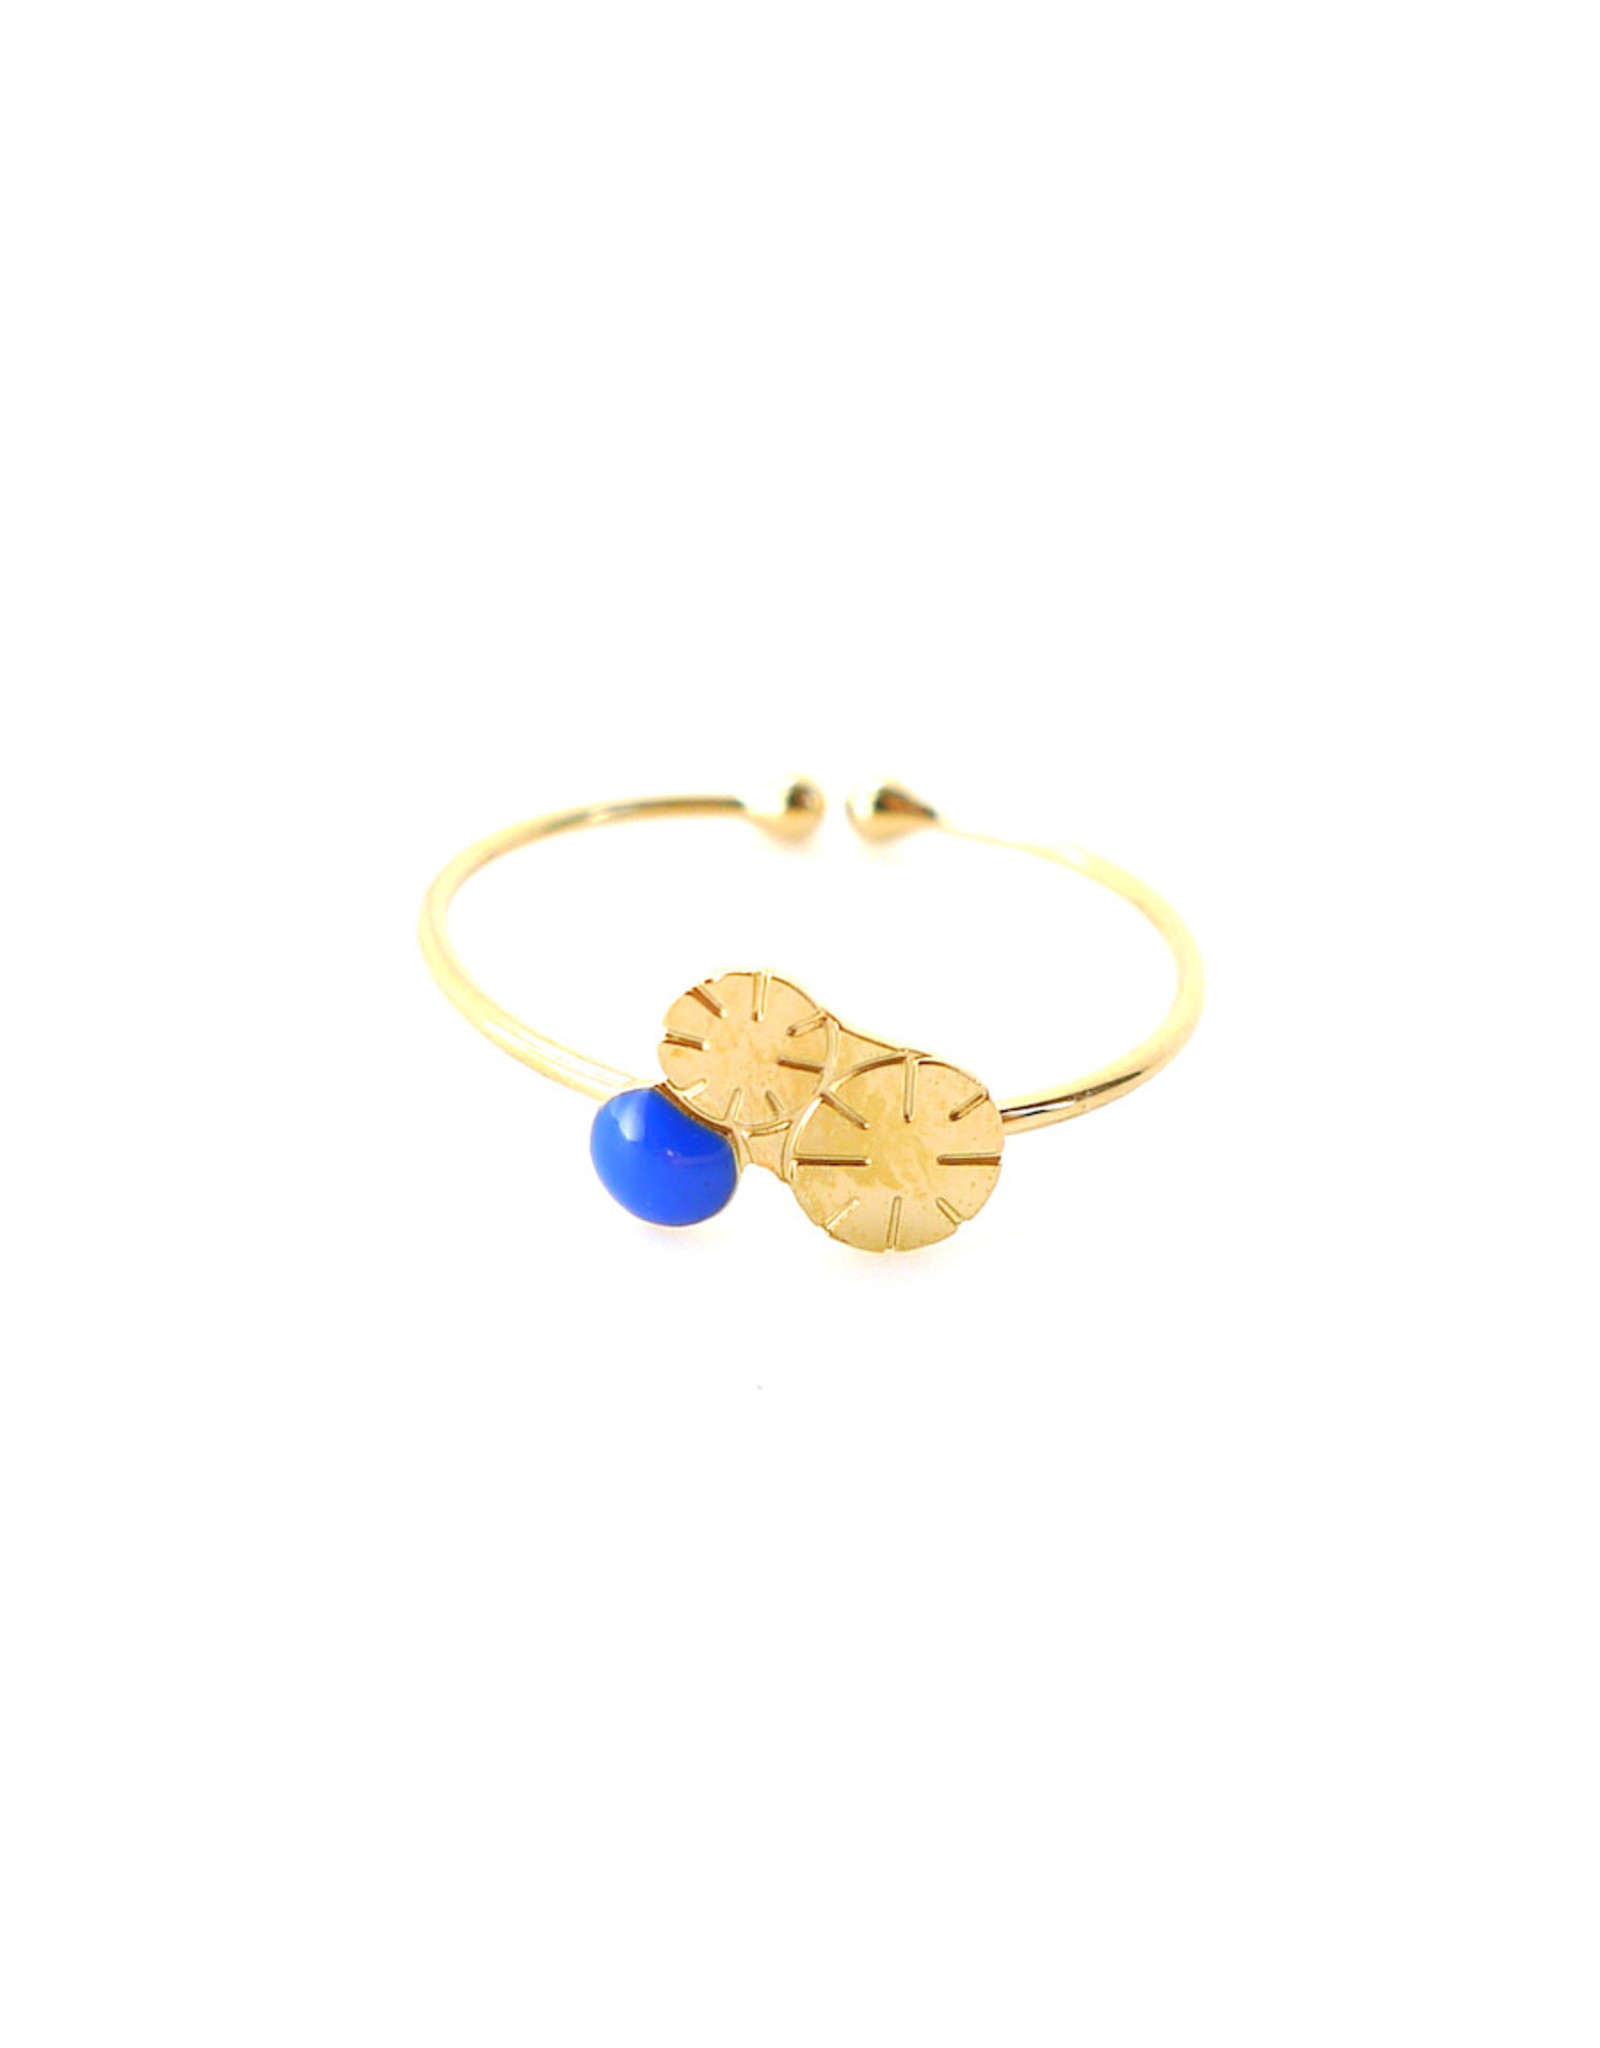 Nadja Carlotti Ring Berry - Pruisisch Blauw - Messing Verguld - Geïnspireerd op een bloem - Verstelbaar - Patroon B 0,9 x H 0,7 cm